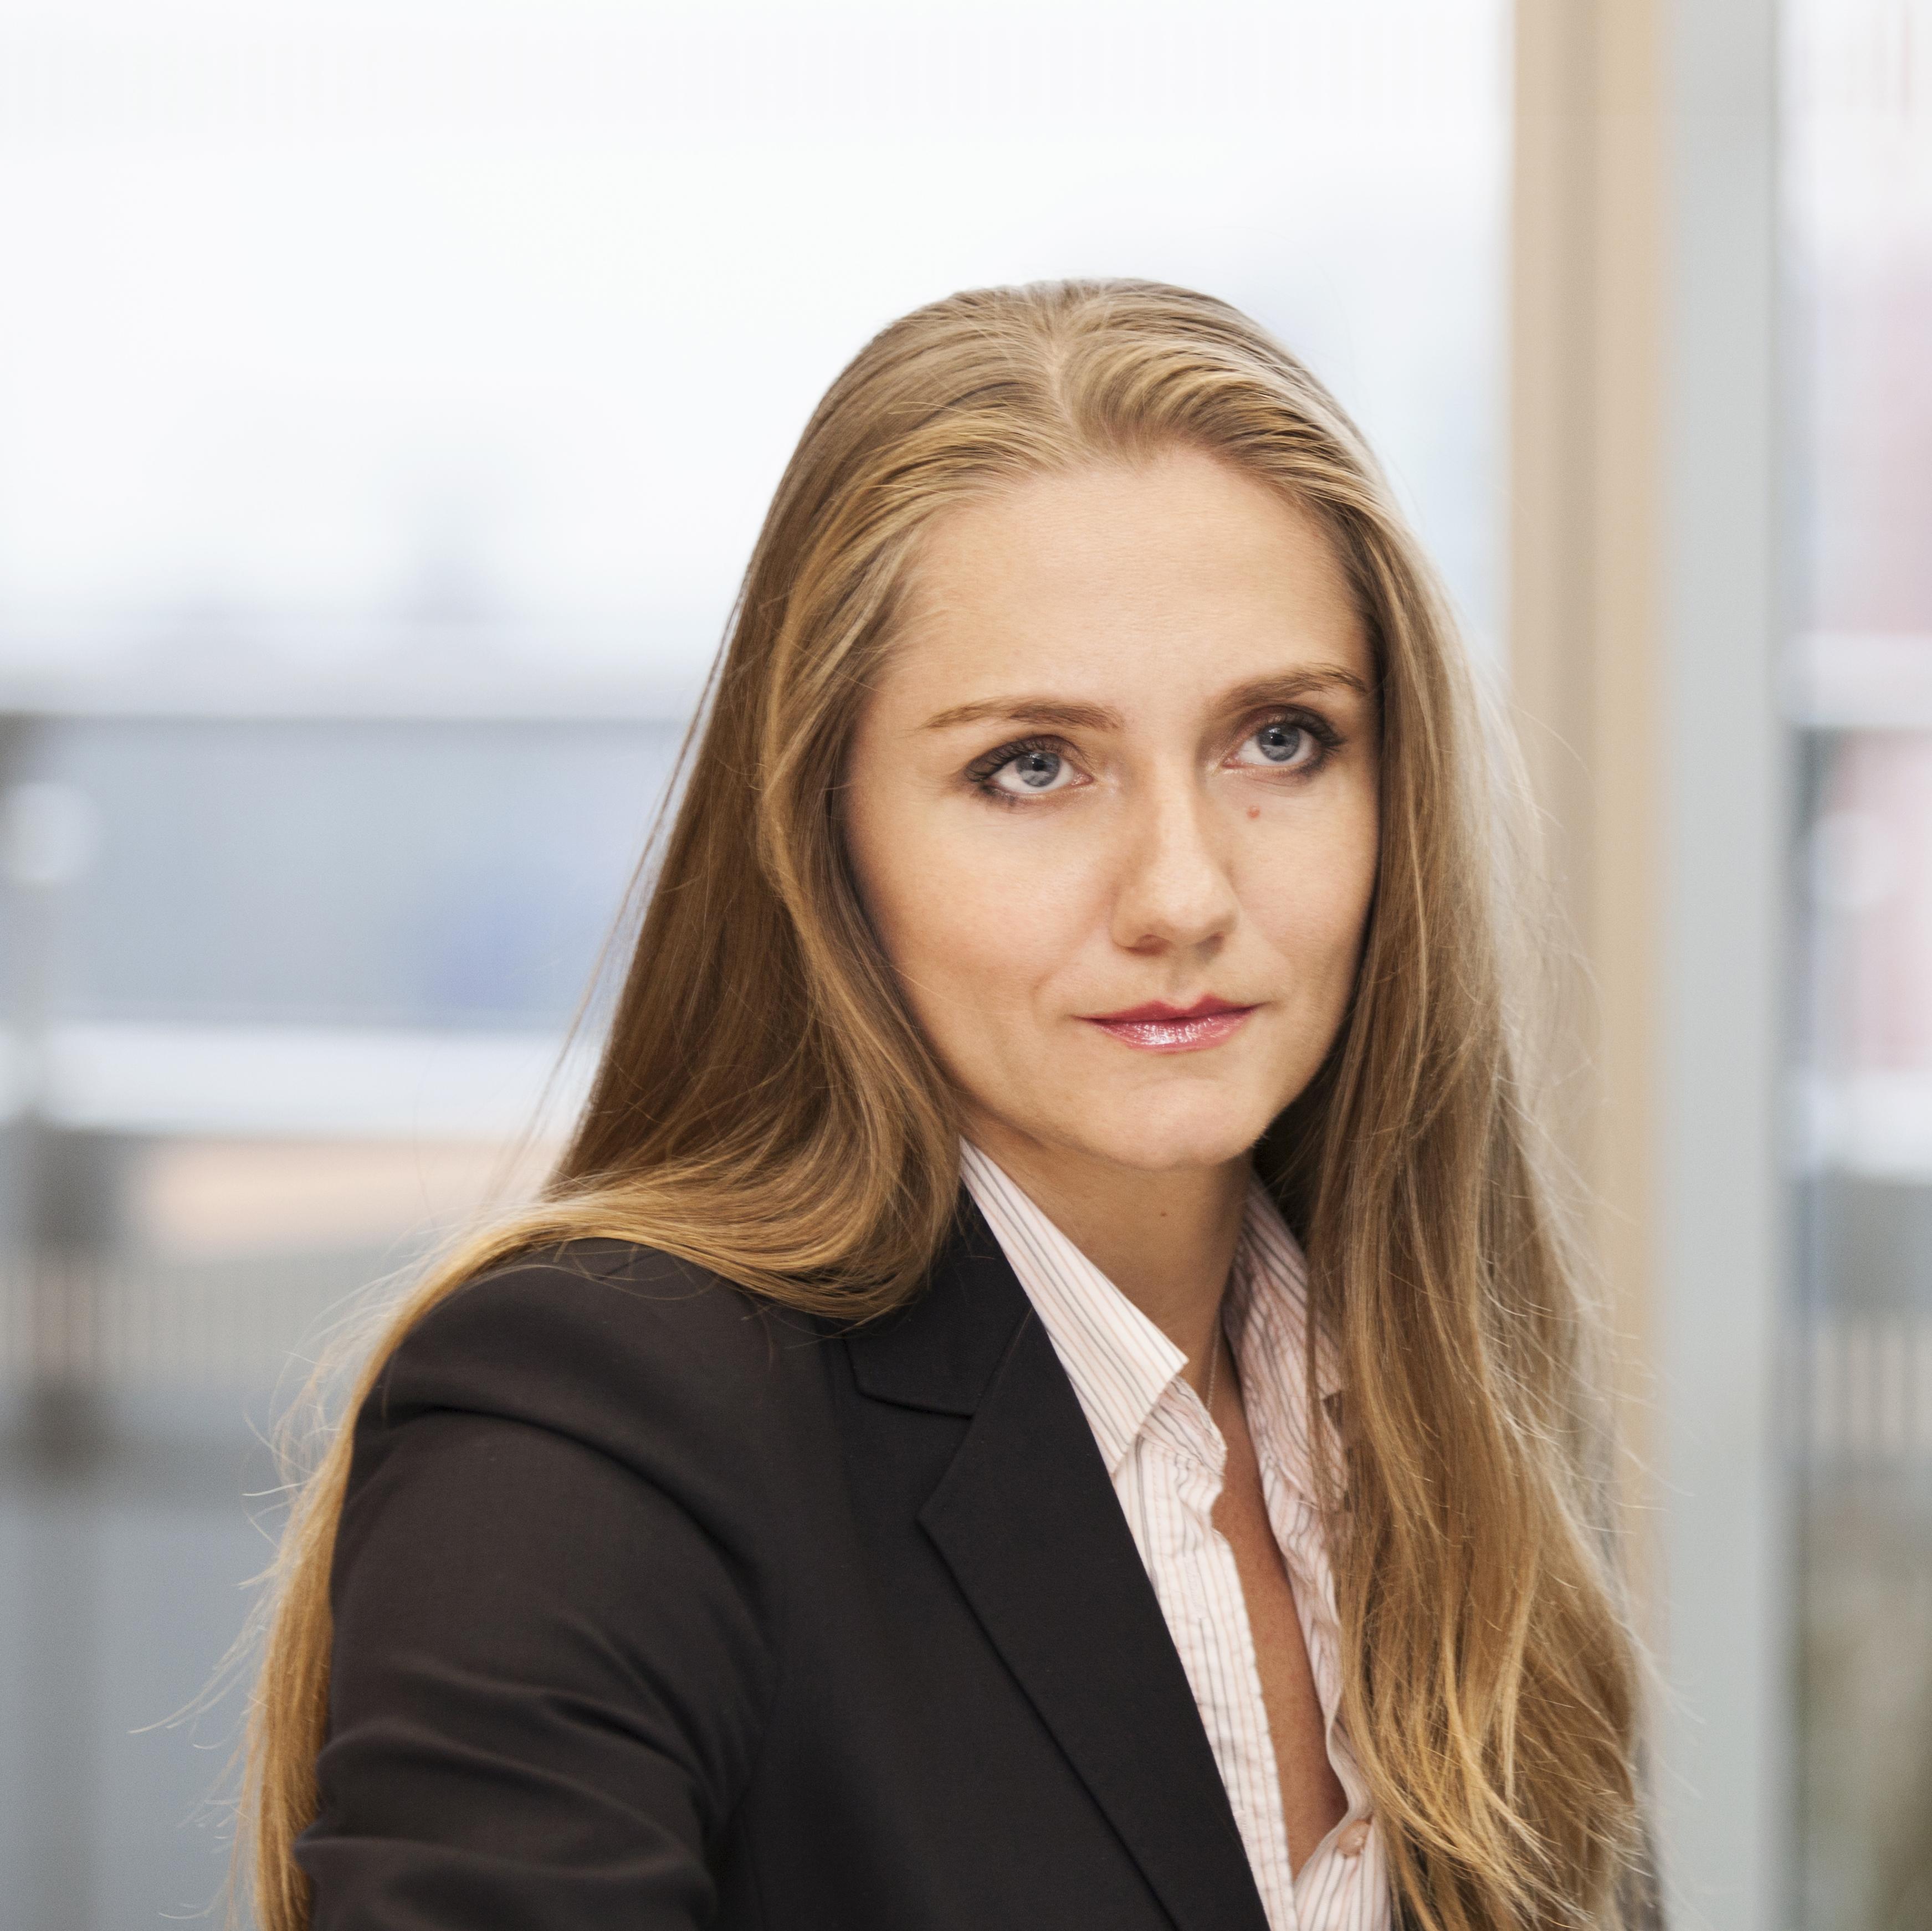 Ivanna Dorichenko